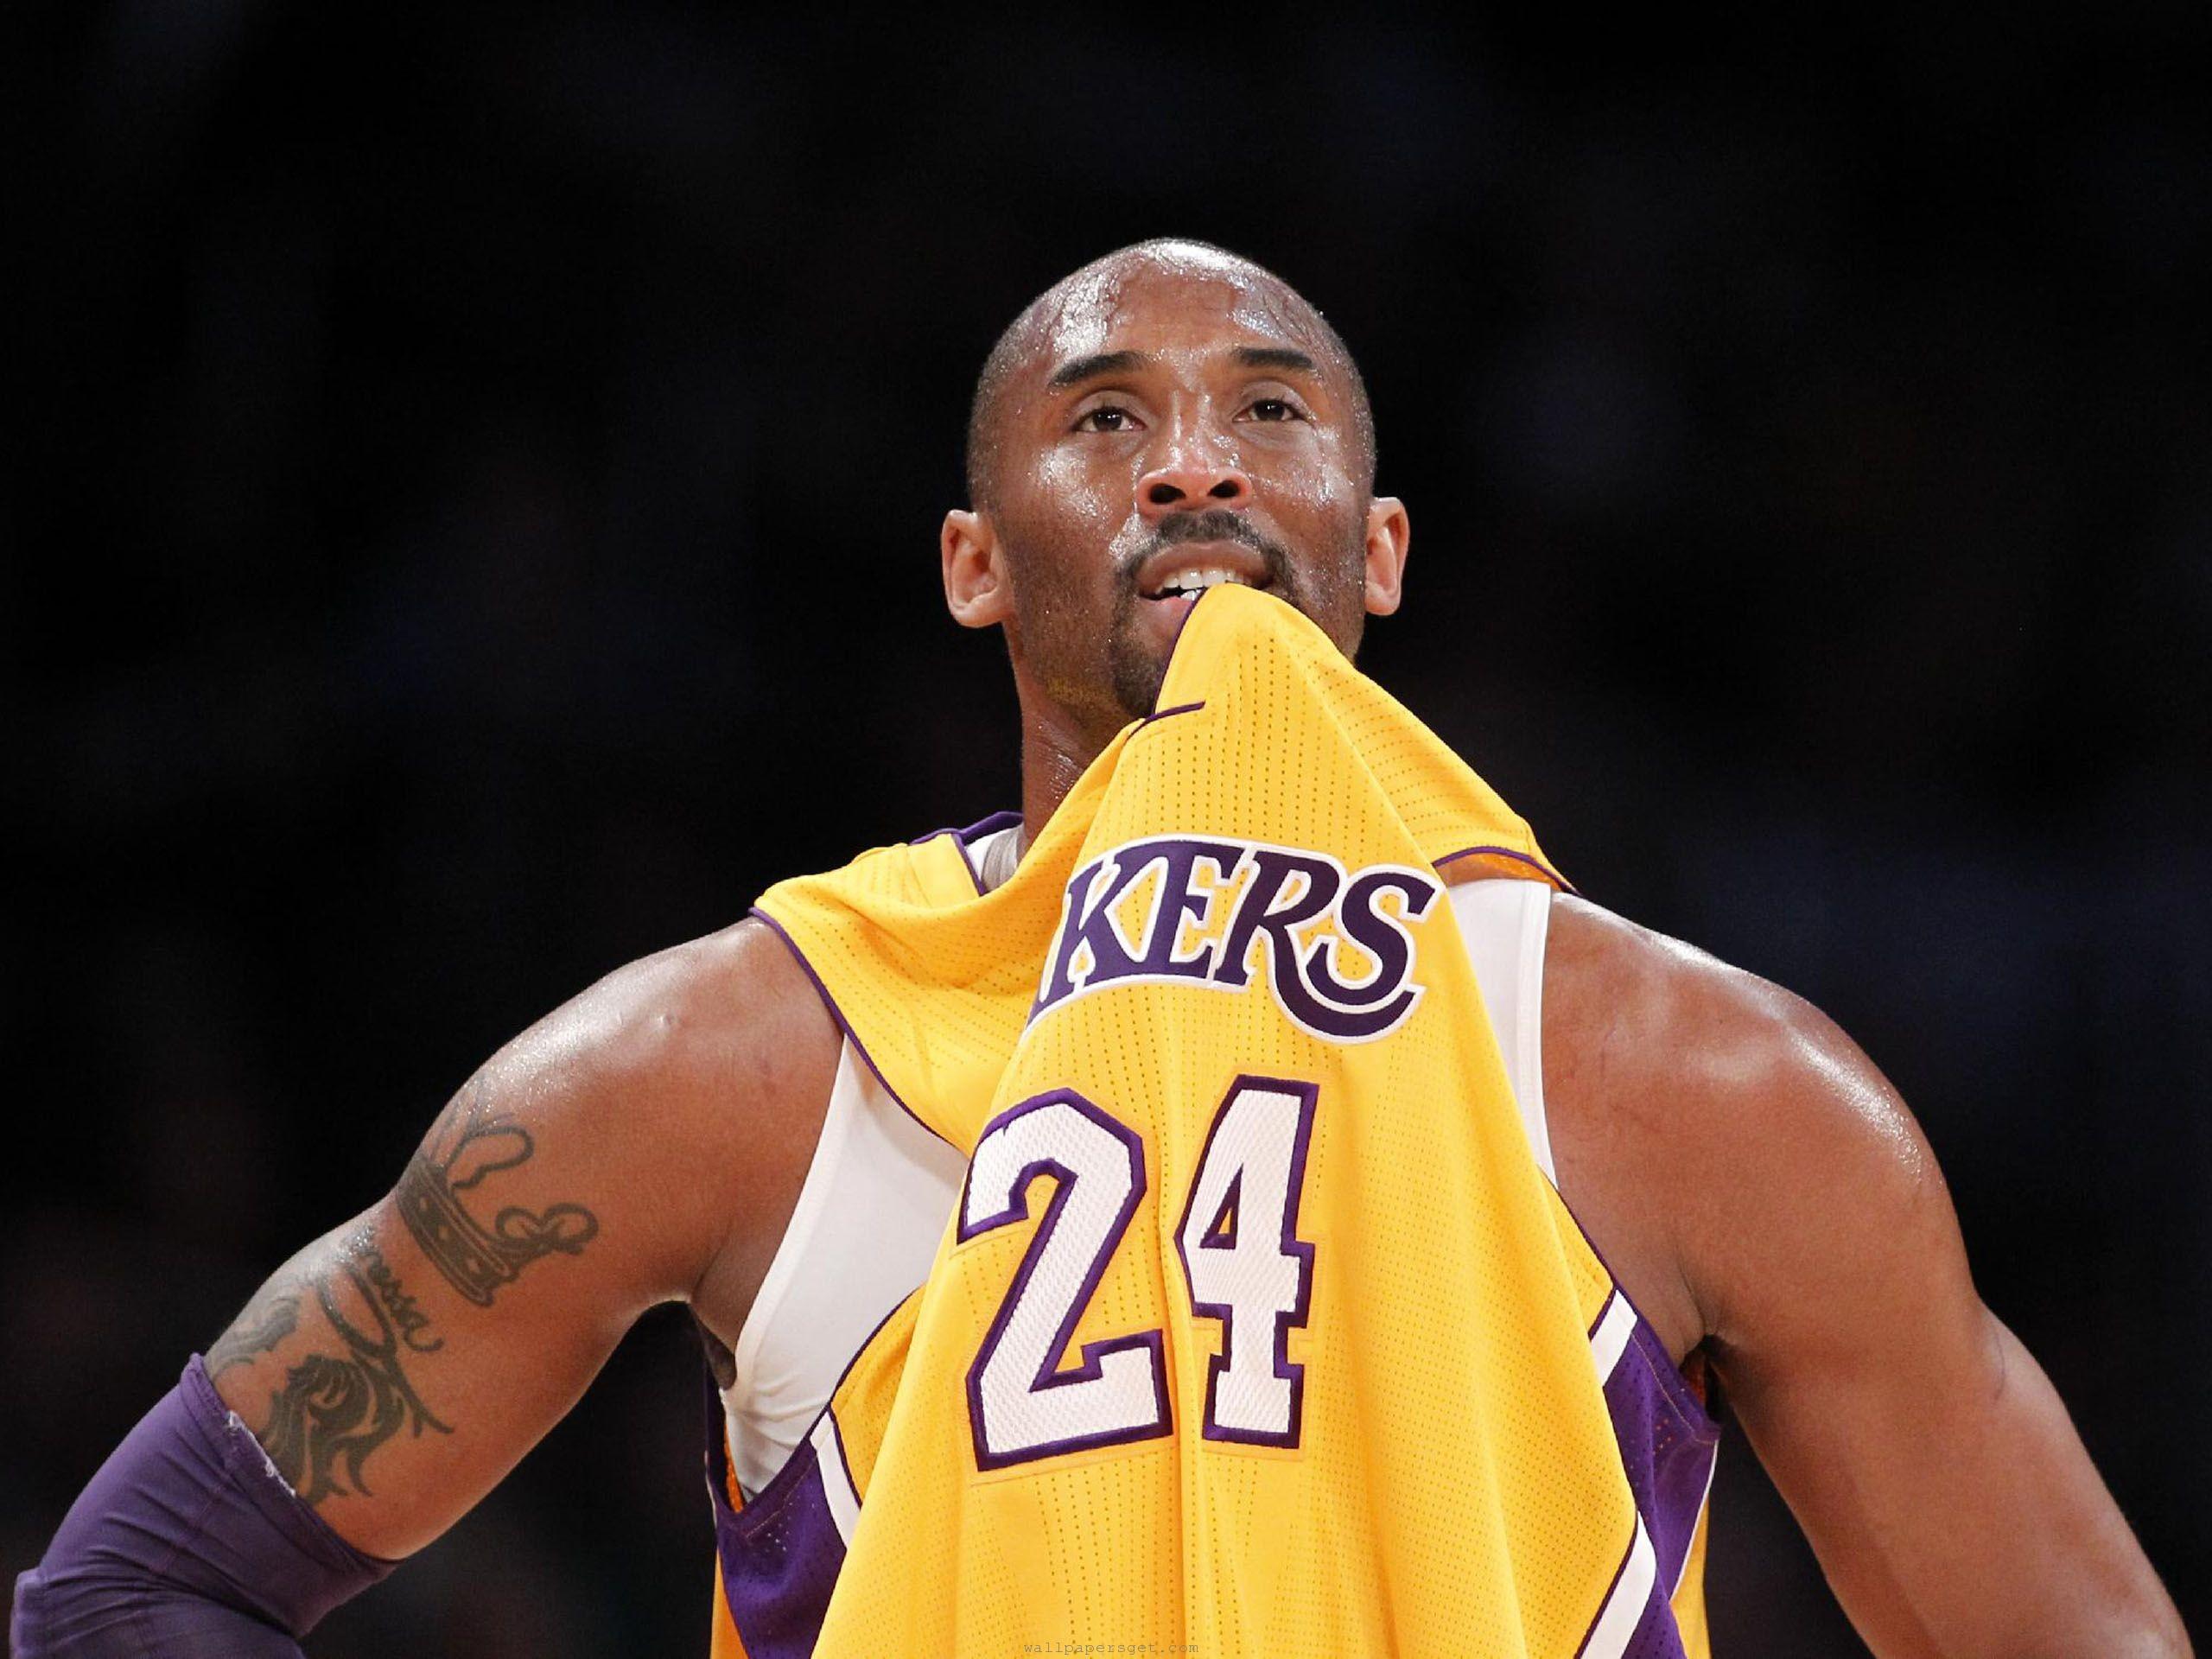 Kobe Bryant Photos